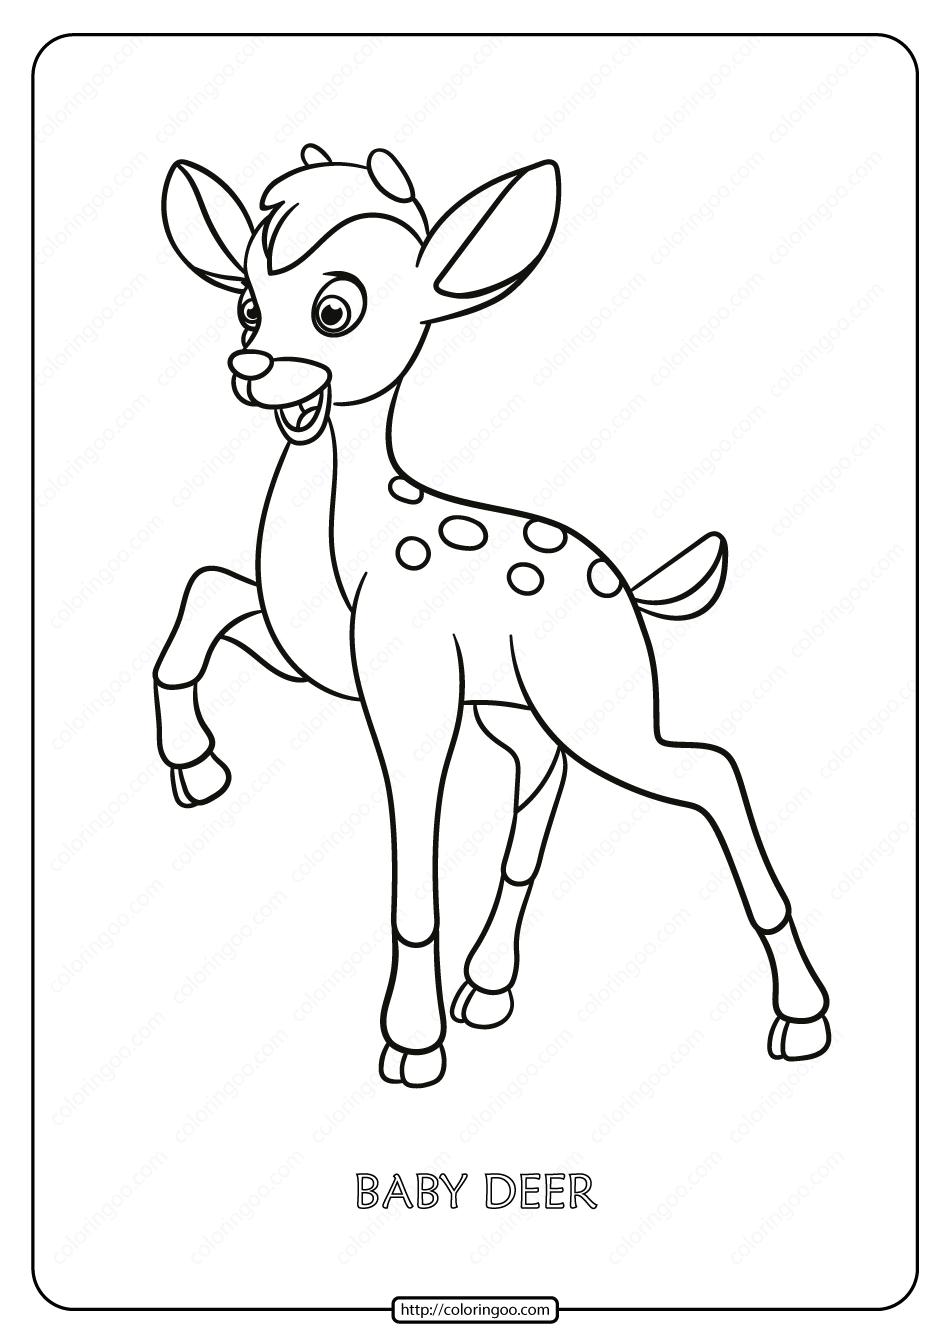 Free Printable Baby Deer Pdf Coloring Page